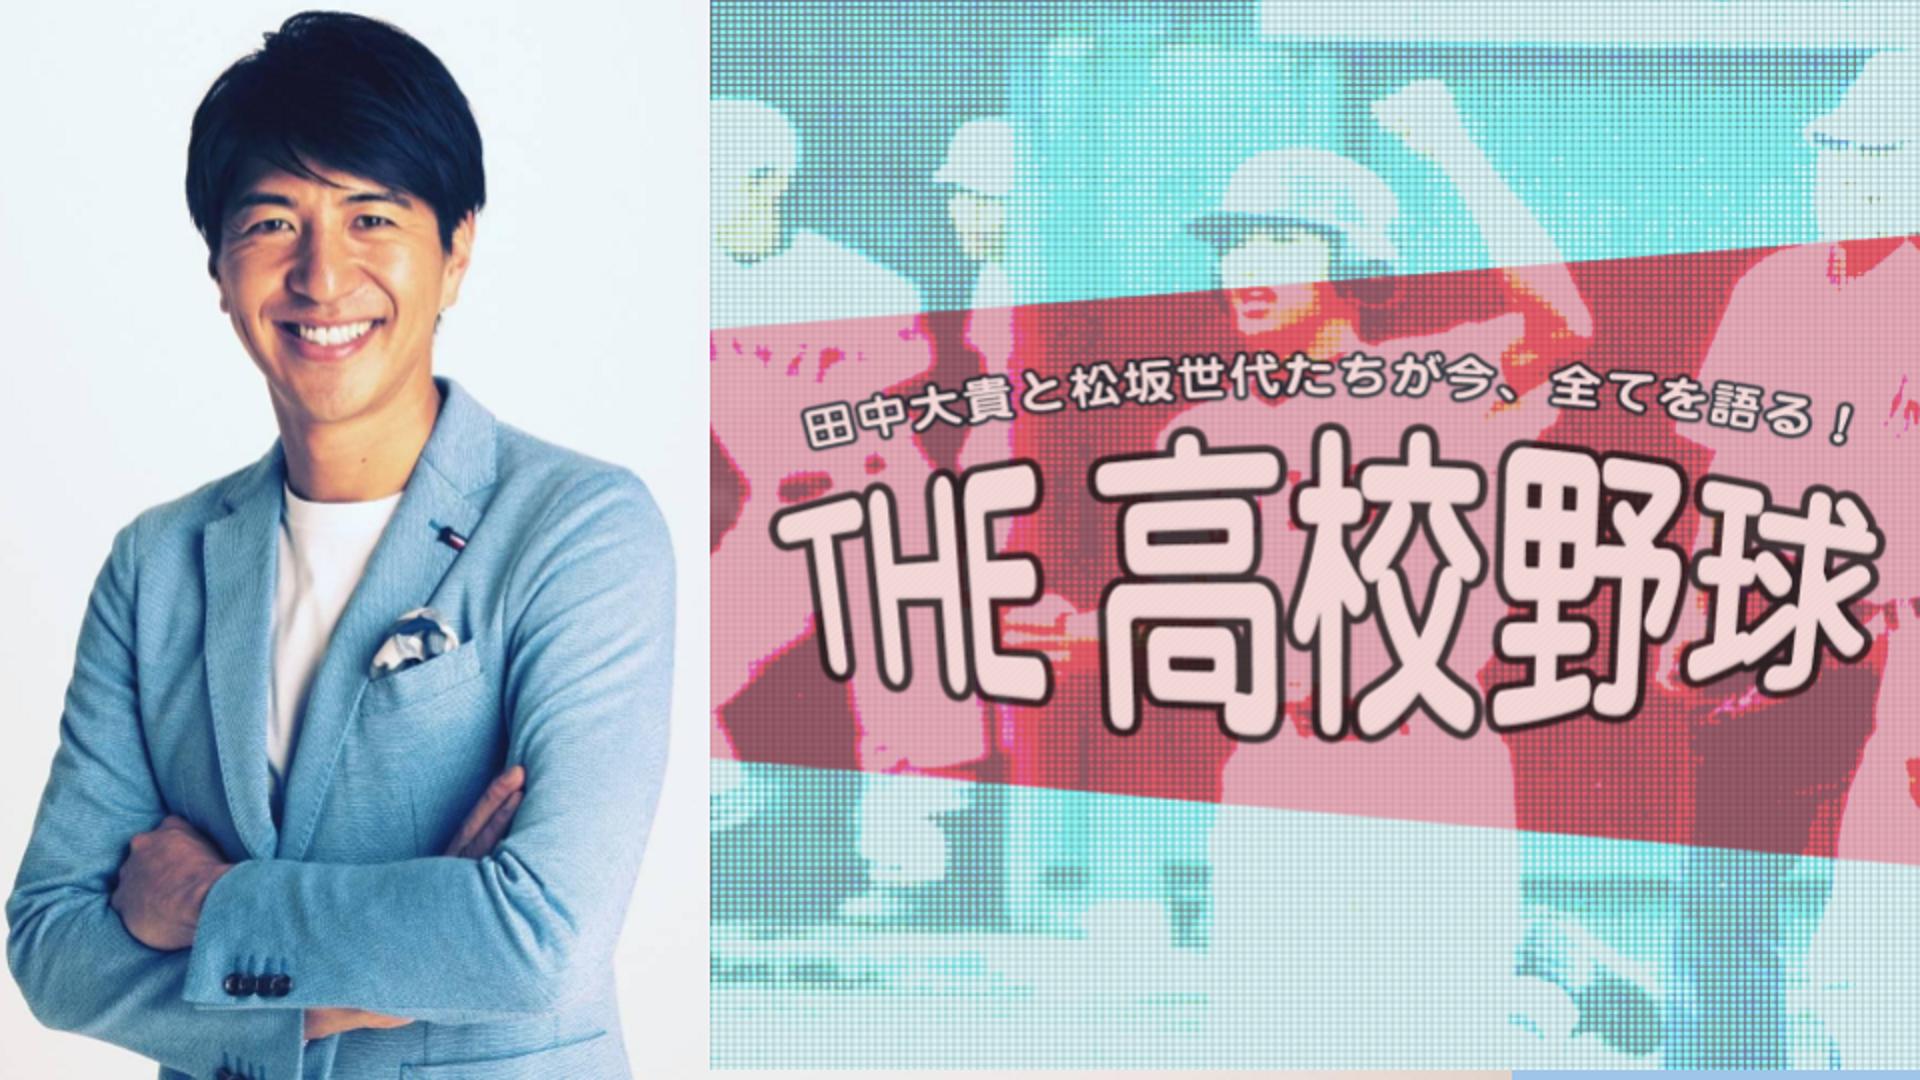 田中大貴 - 田中大貴と松坂世代たちが今、全てを語る!THE高校野球 - DMM オンラインサロン